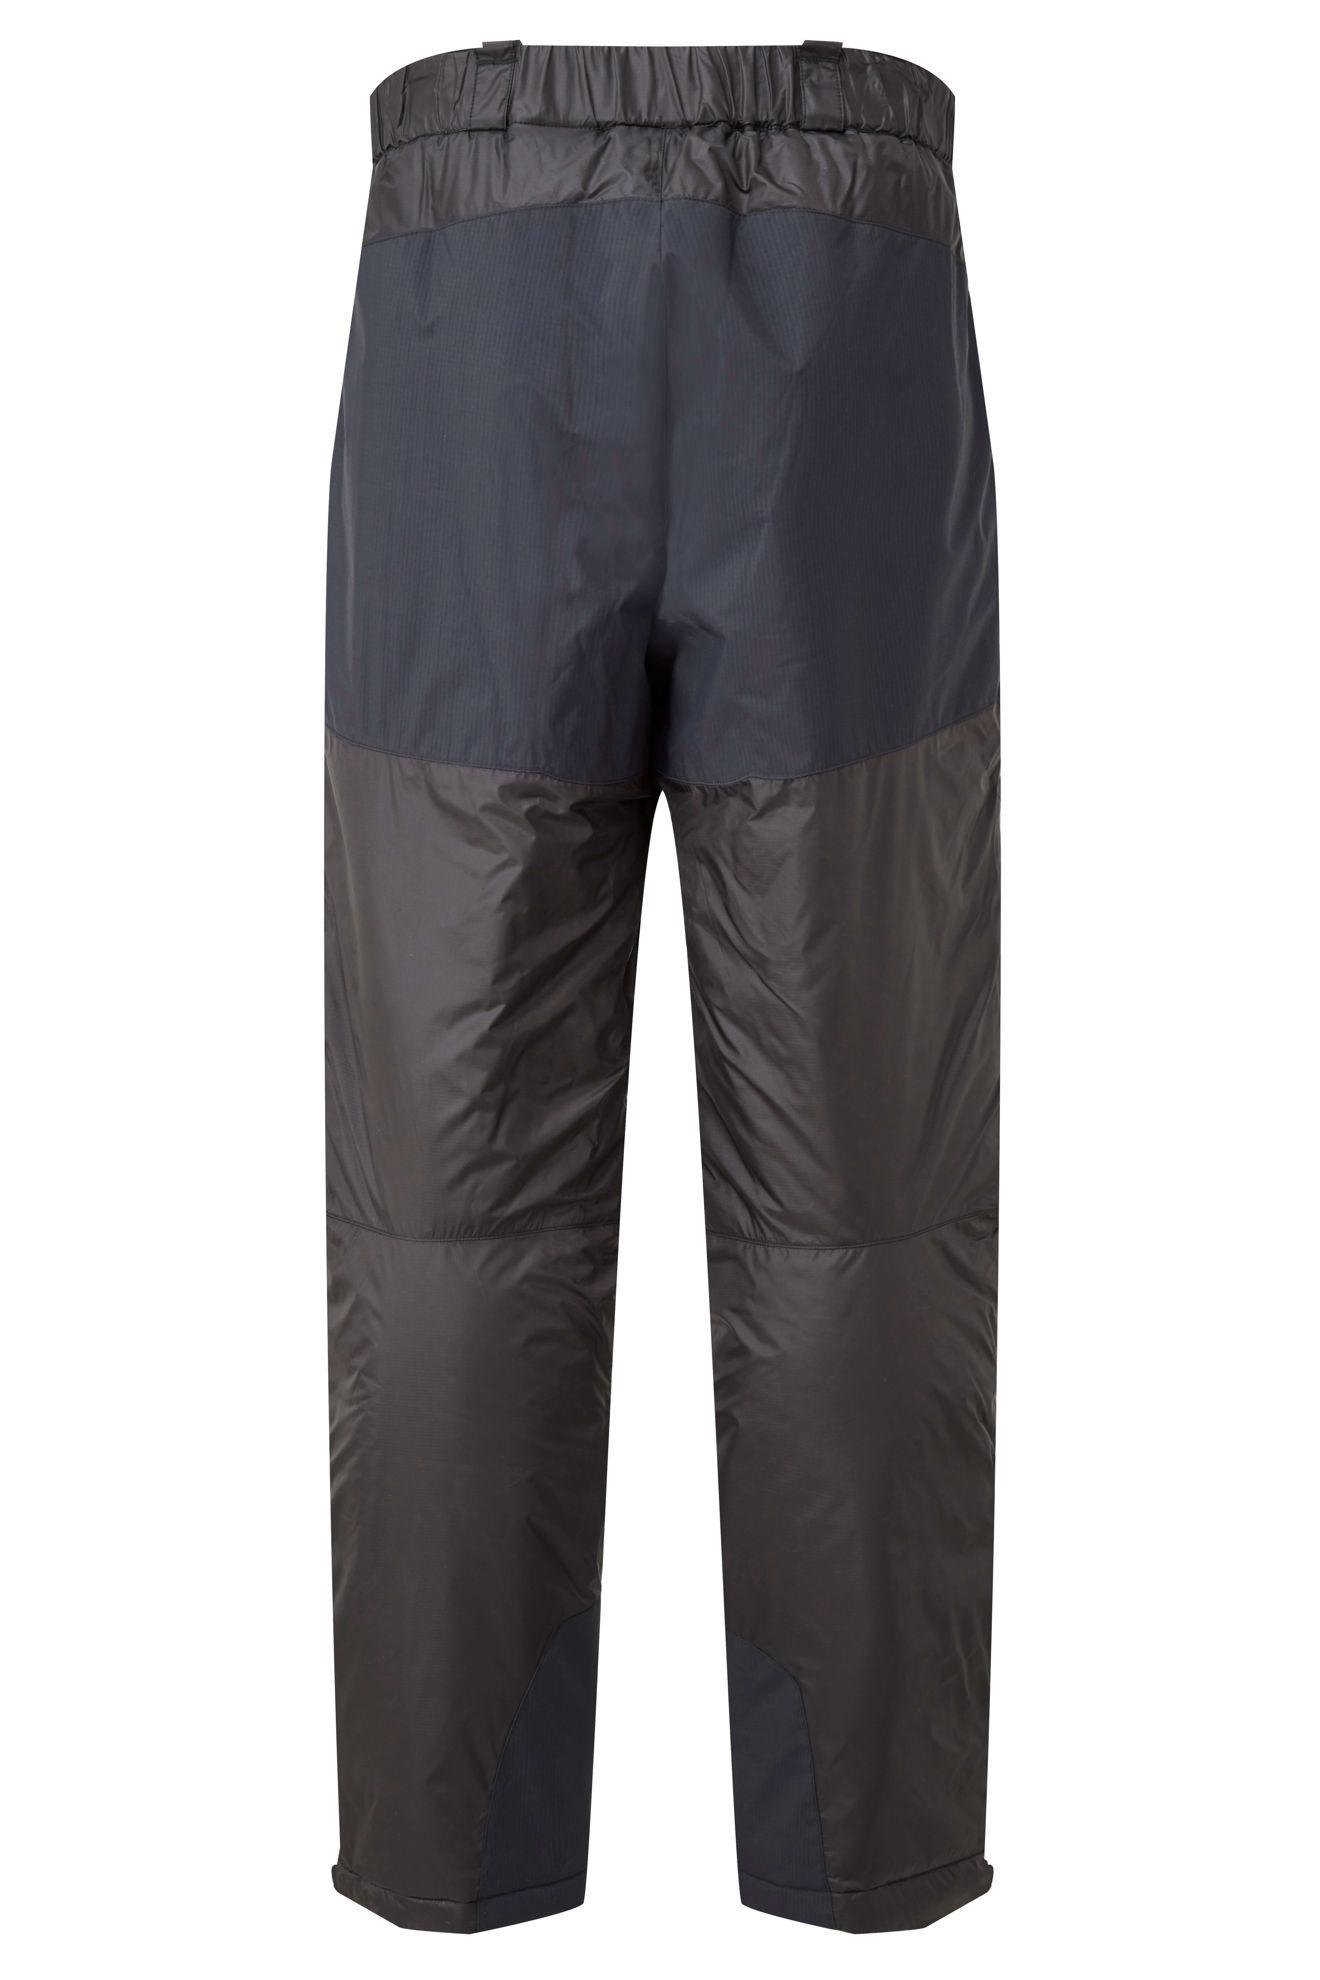 Vattert bukse til dame og herre